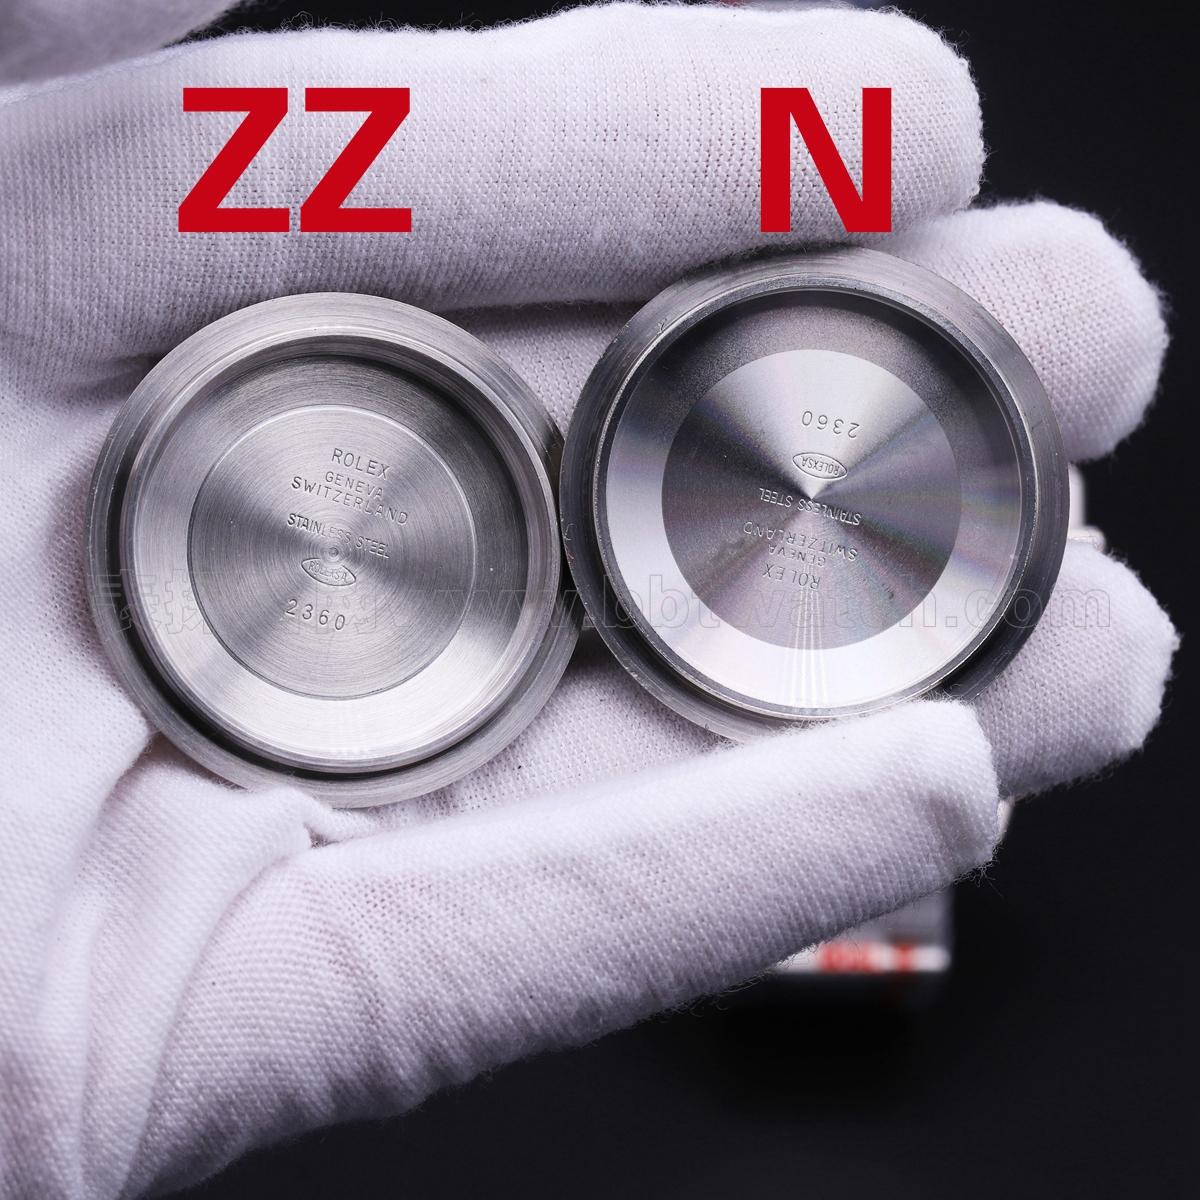 劳力士黑水鬼潜航者型复刻表zz厂喊话n厂v10s 对比评测